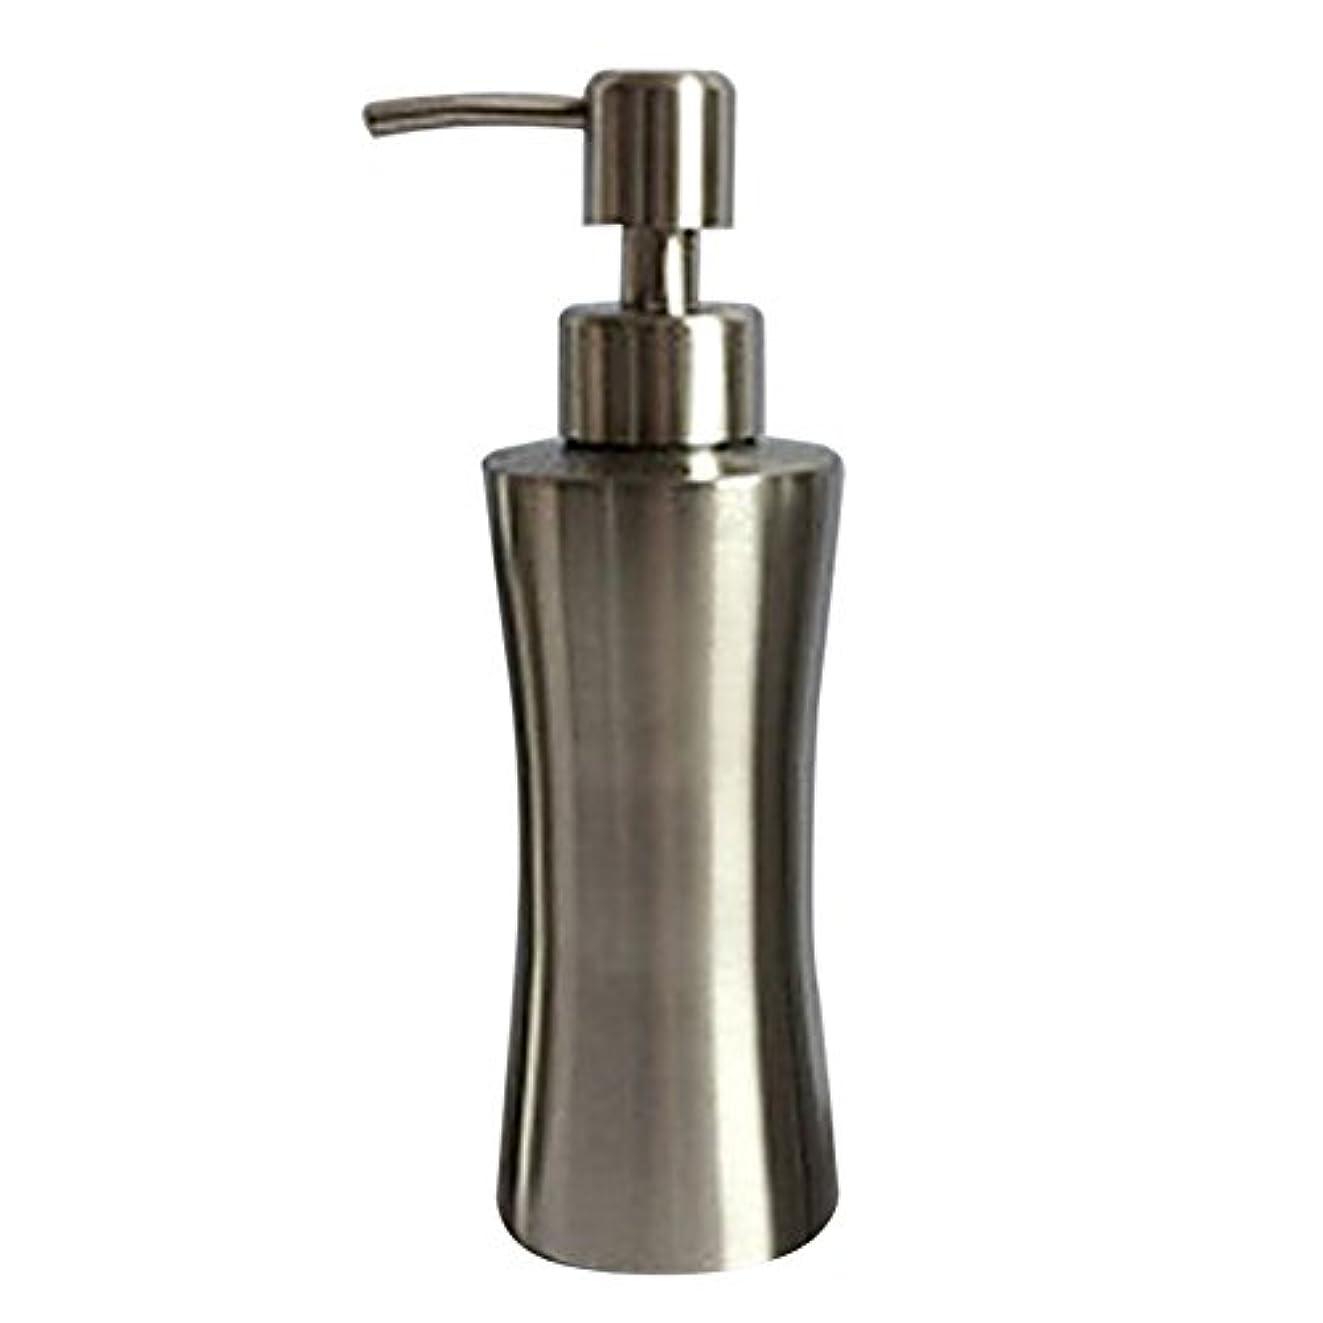 ソロトランペット新鮮なディスペンサー ステンレス ボトル 容器 ソープ 石鹸 シャンプー 手洗いボトル 耐久性 錆びない 220ml/250ml/400ml (B:250ml)